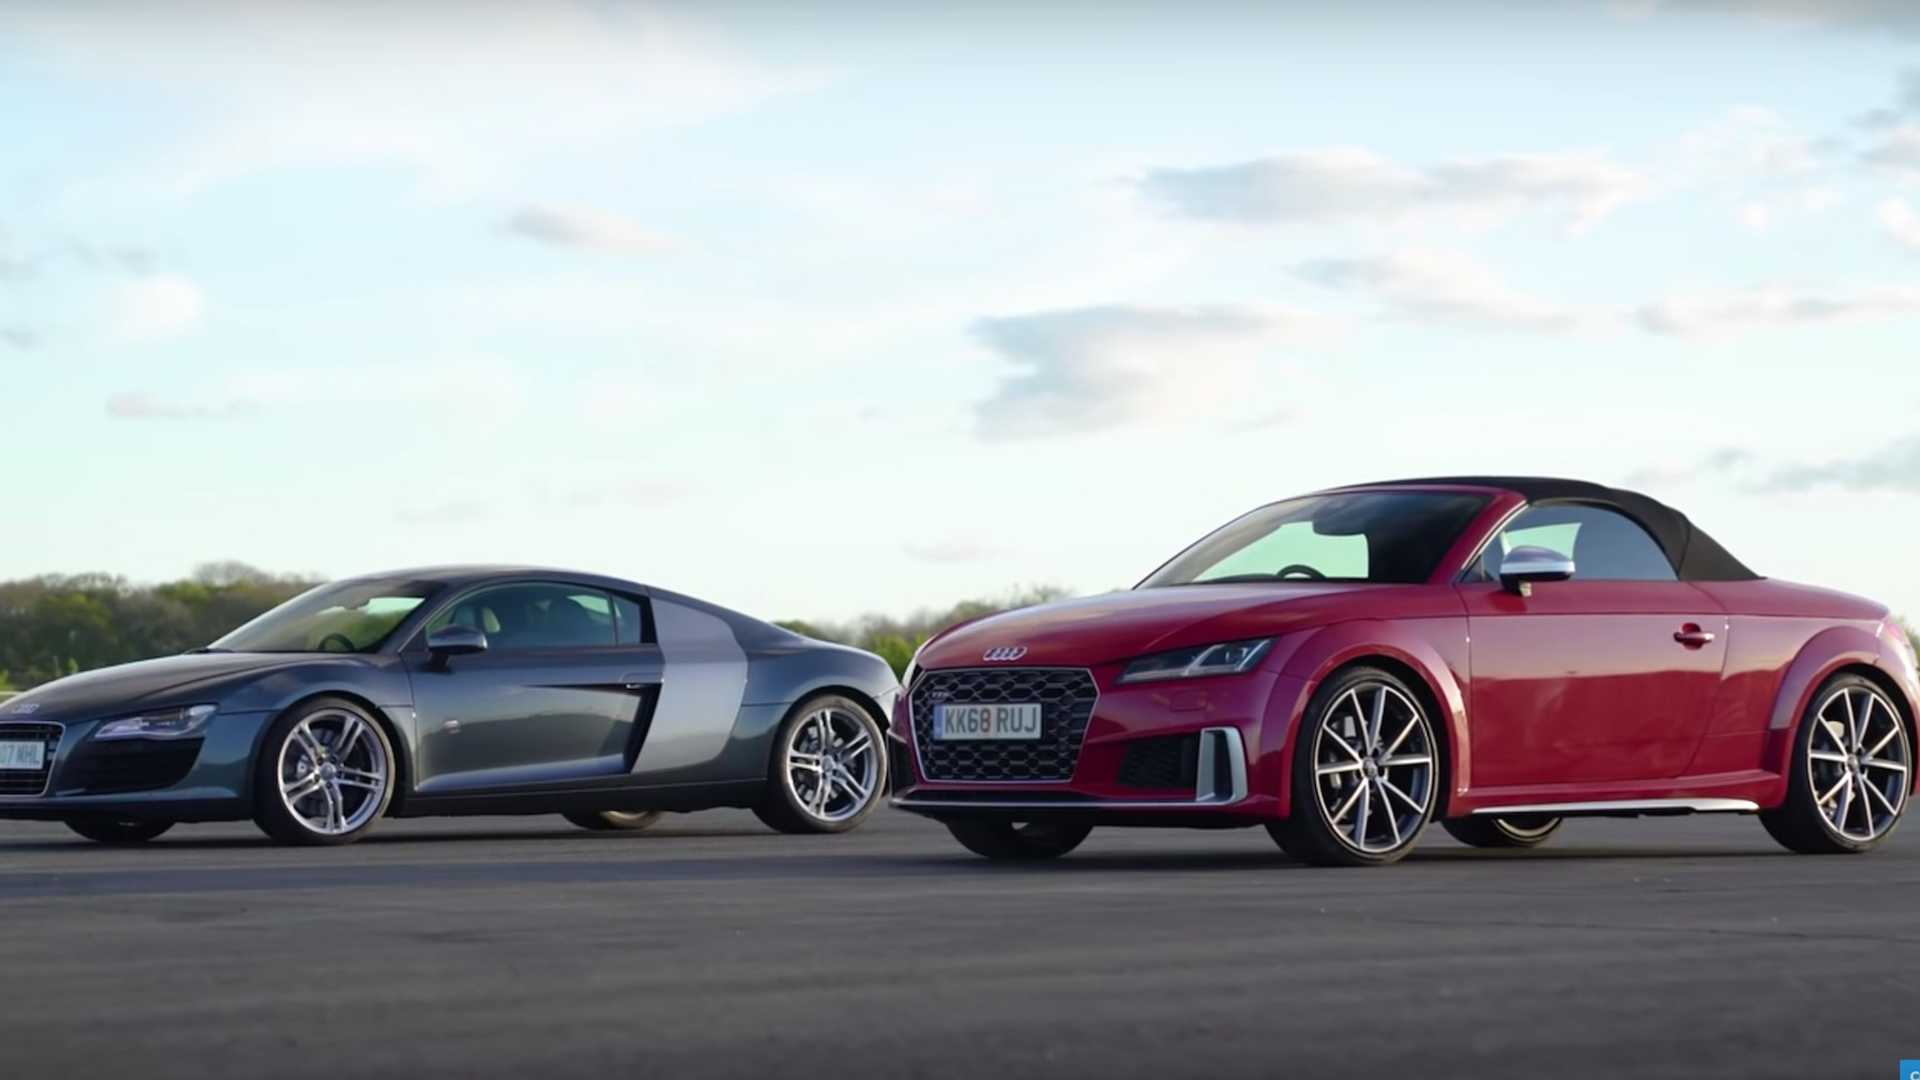 Kelebihan Audi Tt R8 Tangguh